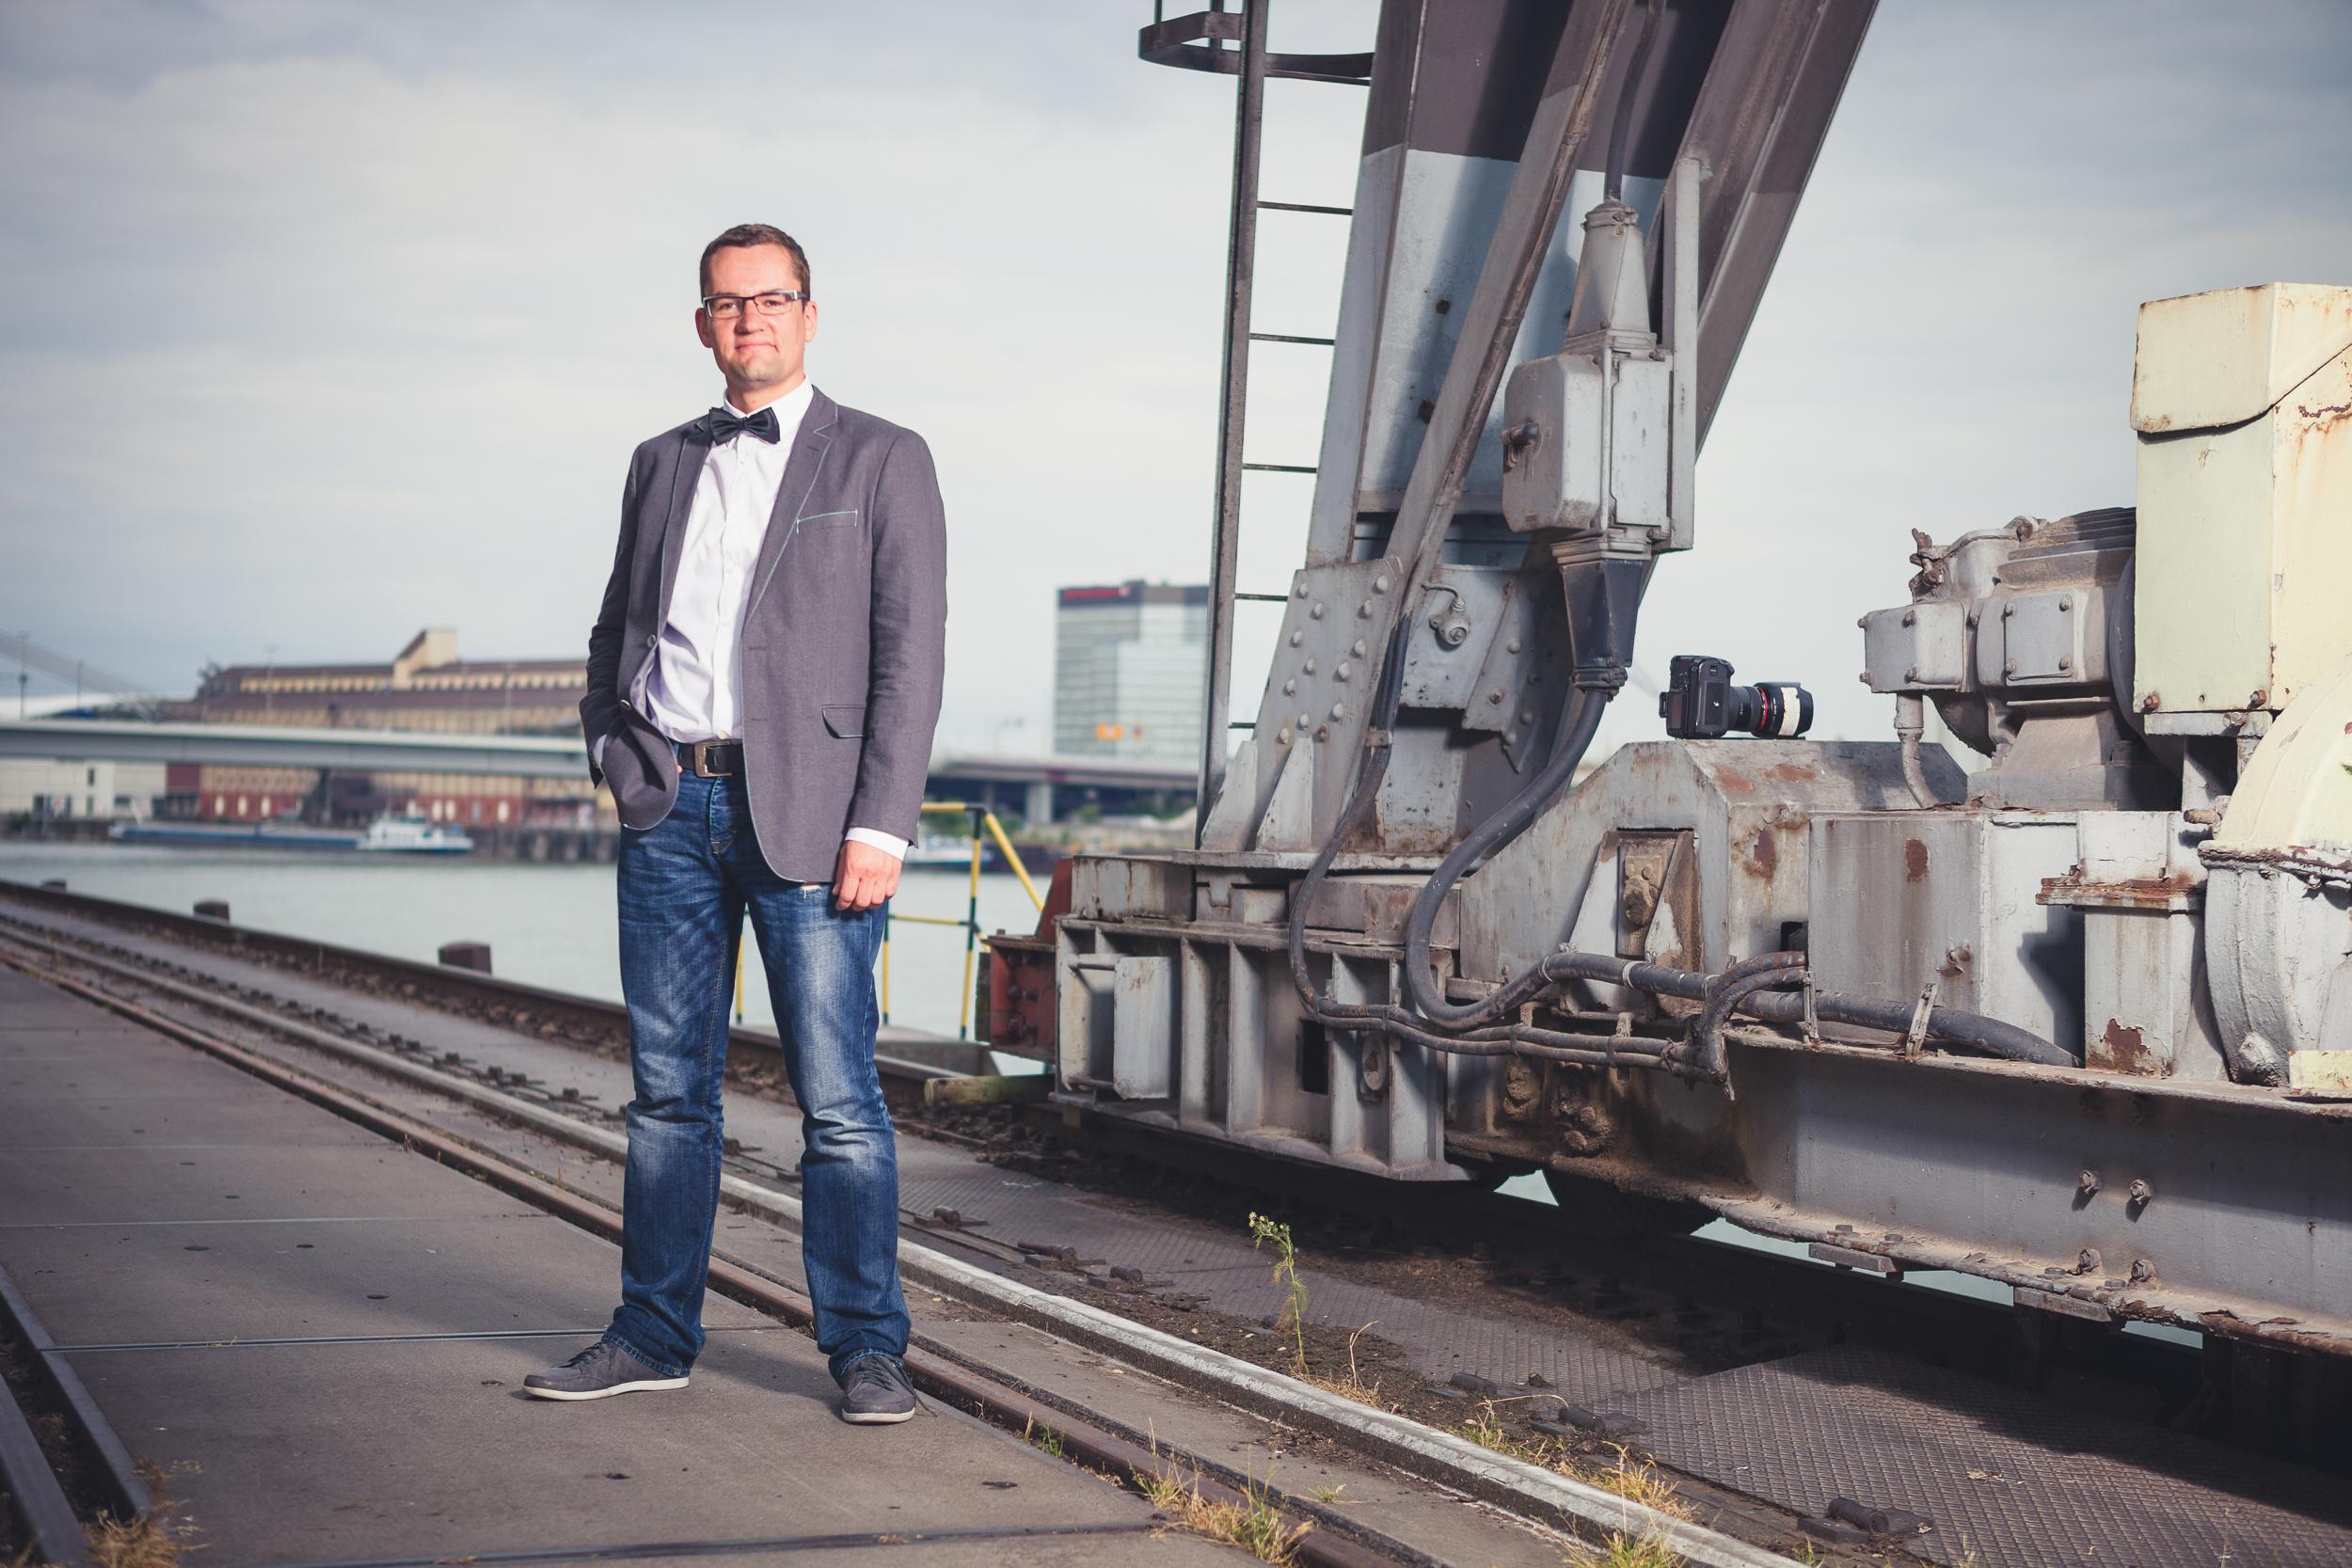 Der-Wiegelmann-im-Hafen-05